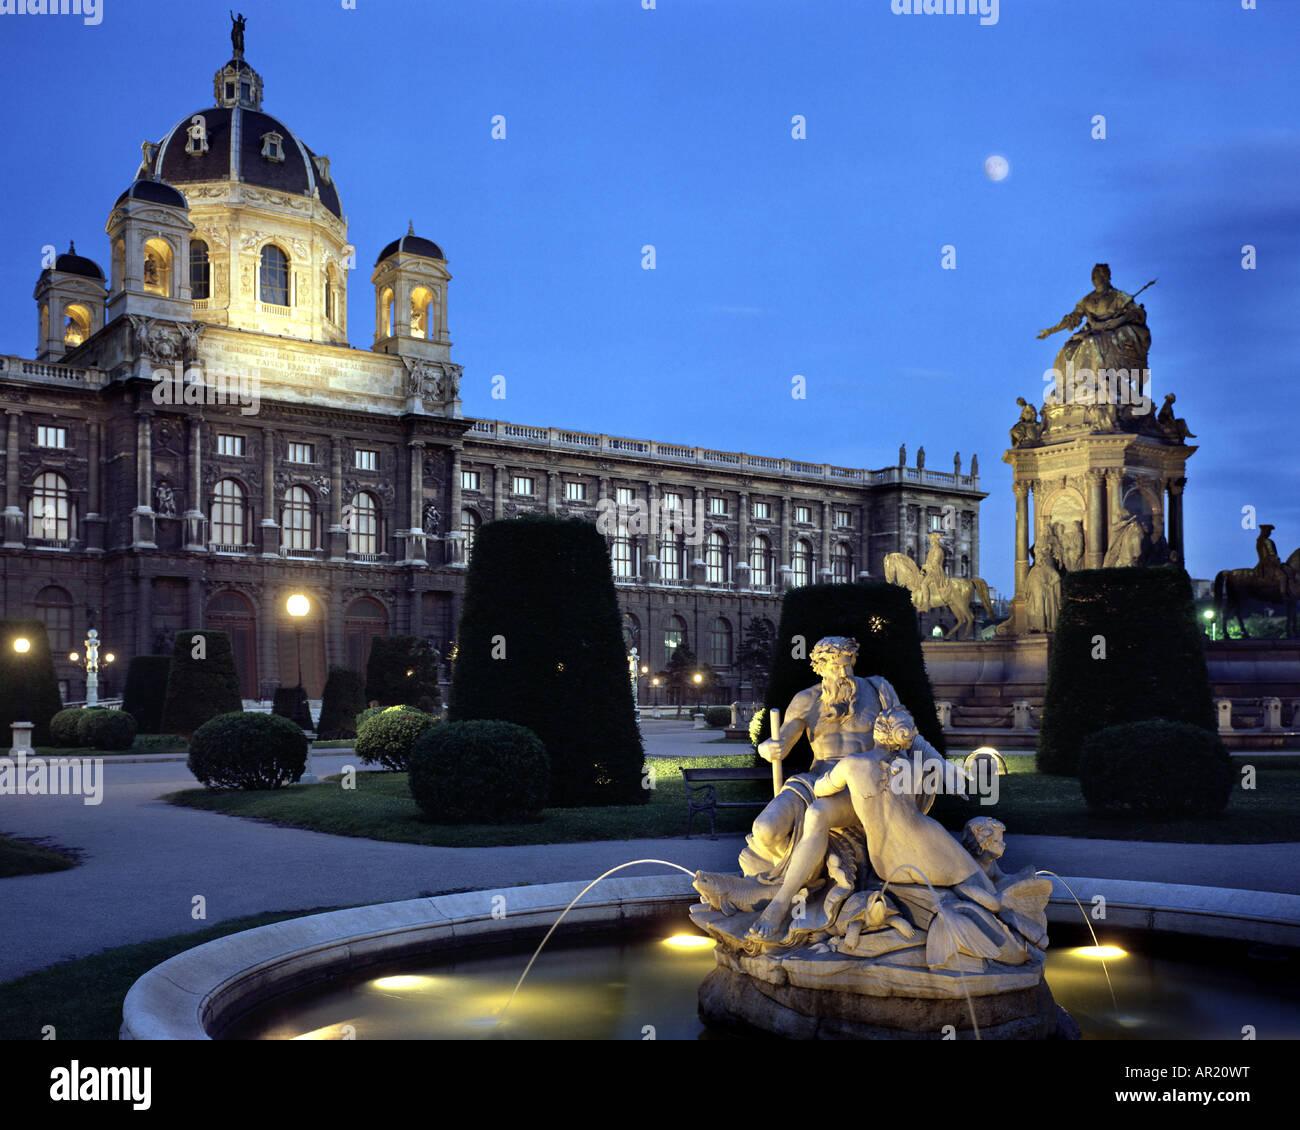 A - VIENA: Maria Theresia aparcar por la noche Imagen De Stock